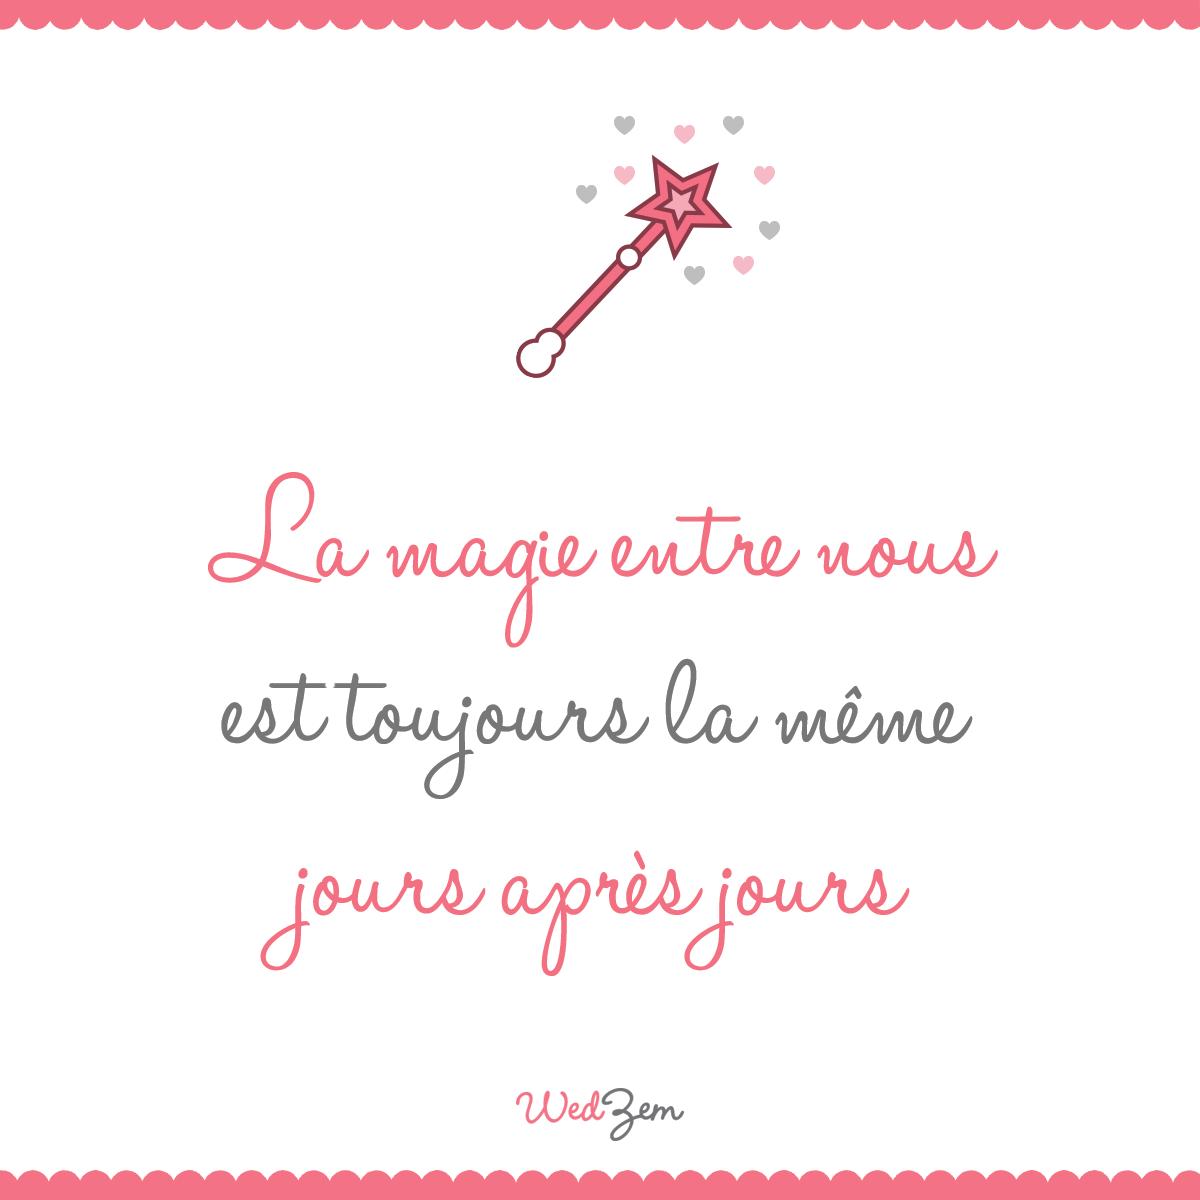 Petite Citation D Amour Du Jour Amour Citation Citations D Amour Citation Citations Humour Amour